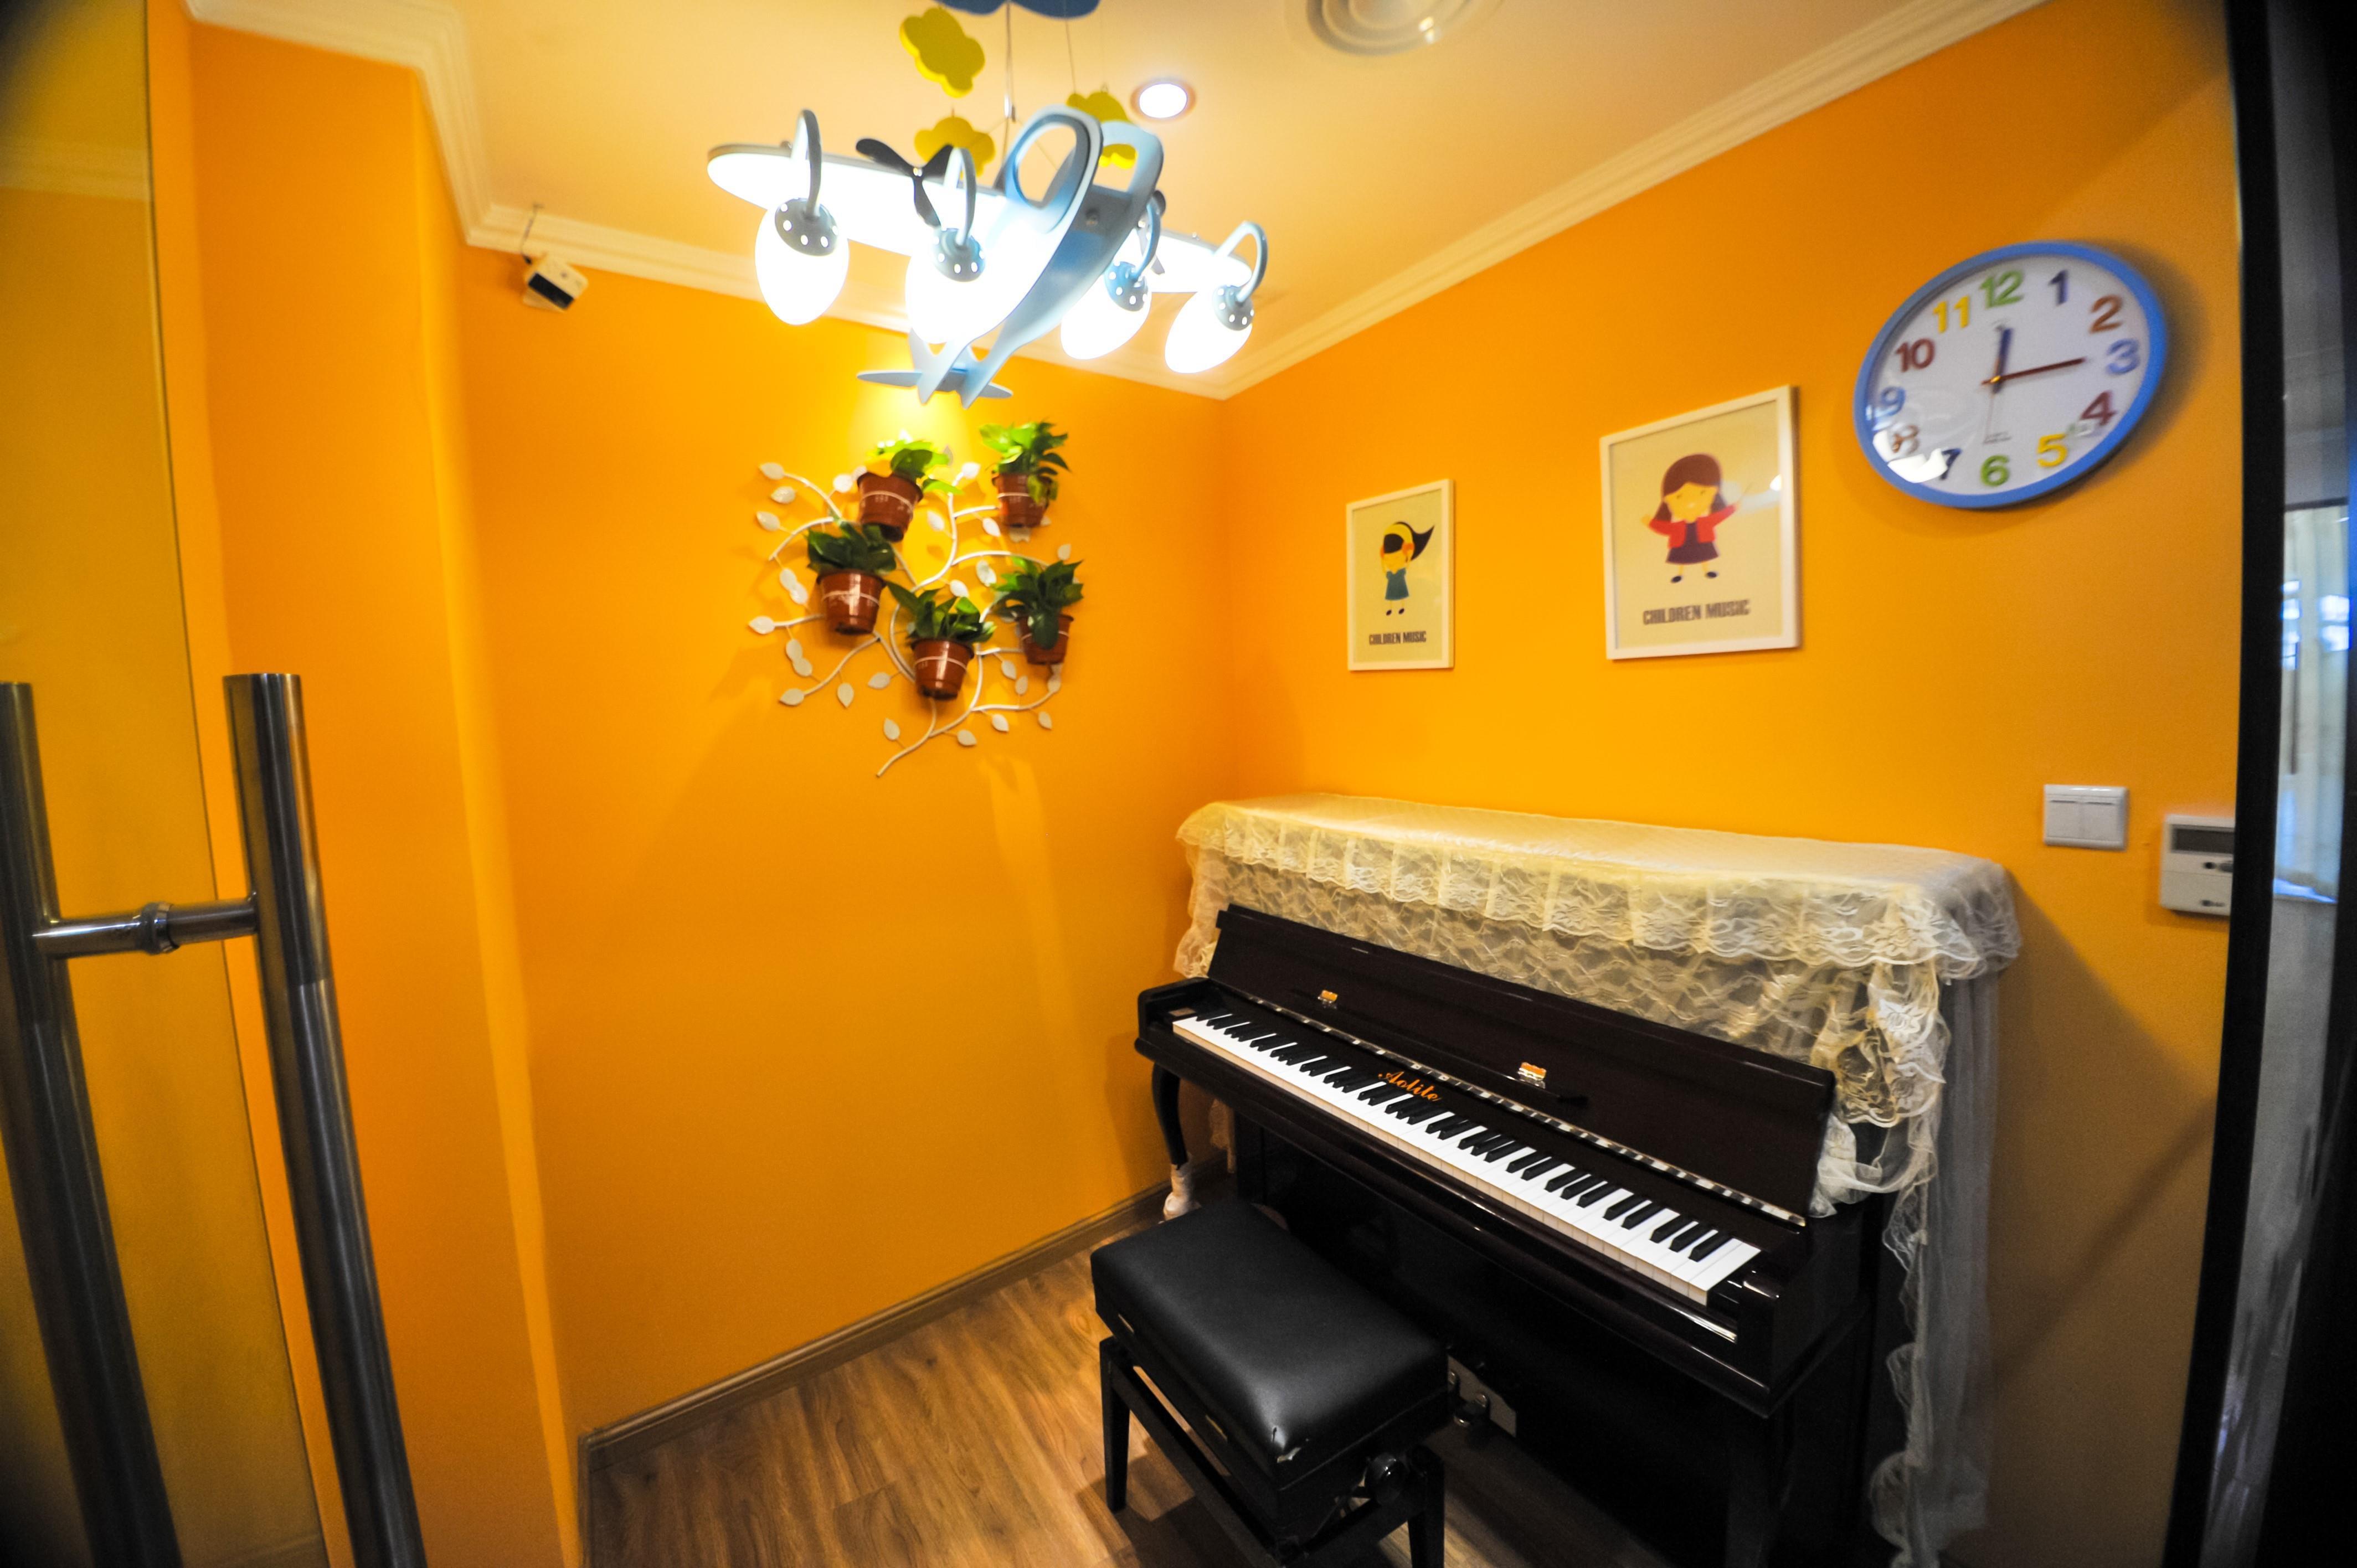 青岛钢琴培训哪家好?环境设施怎么样?